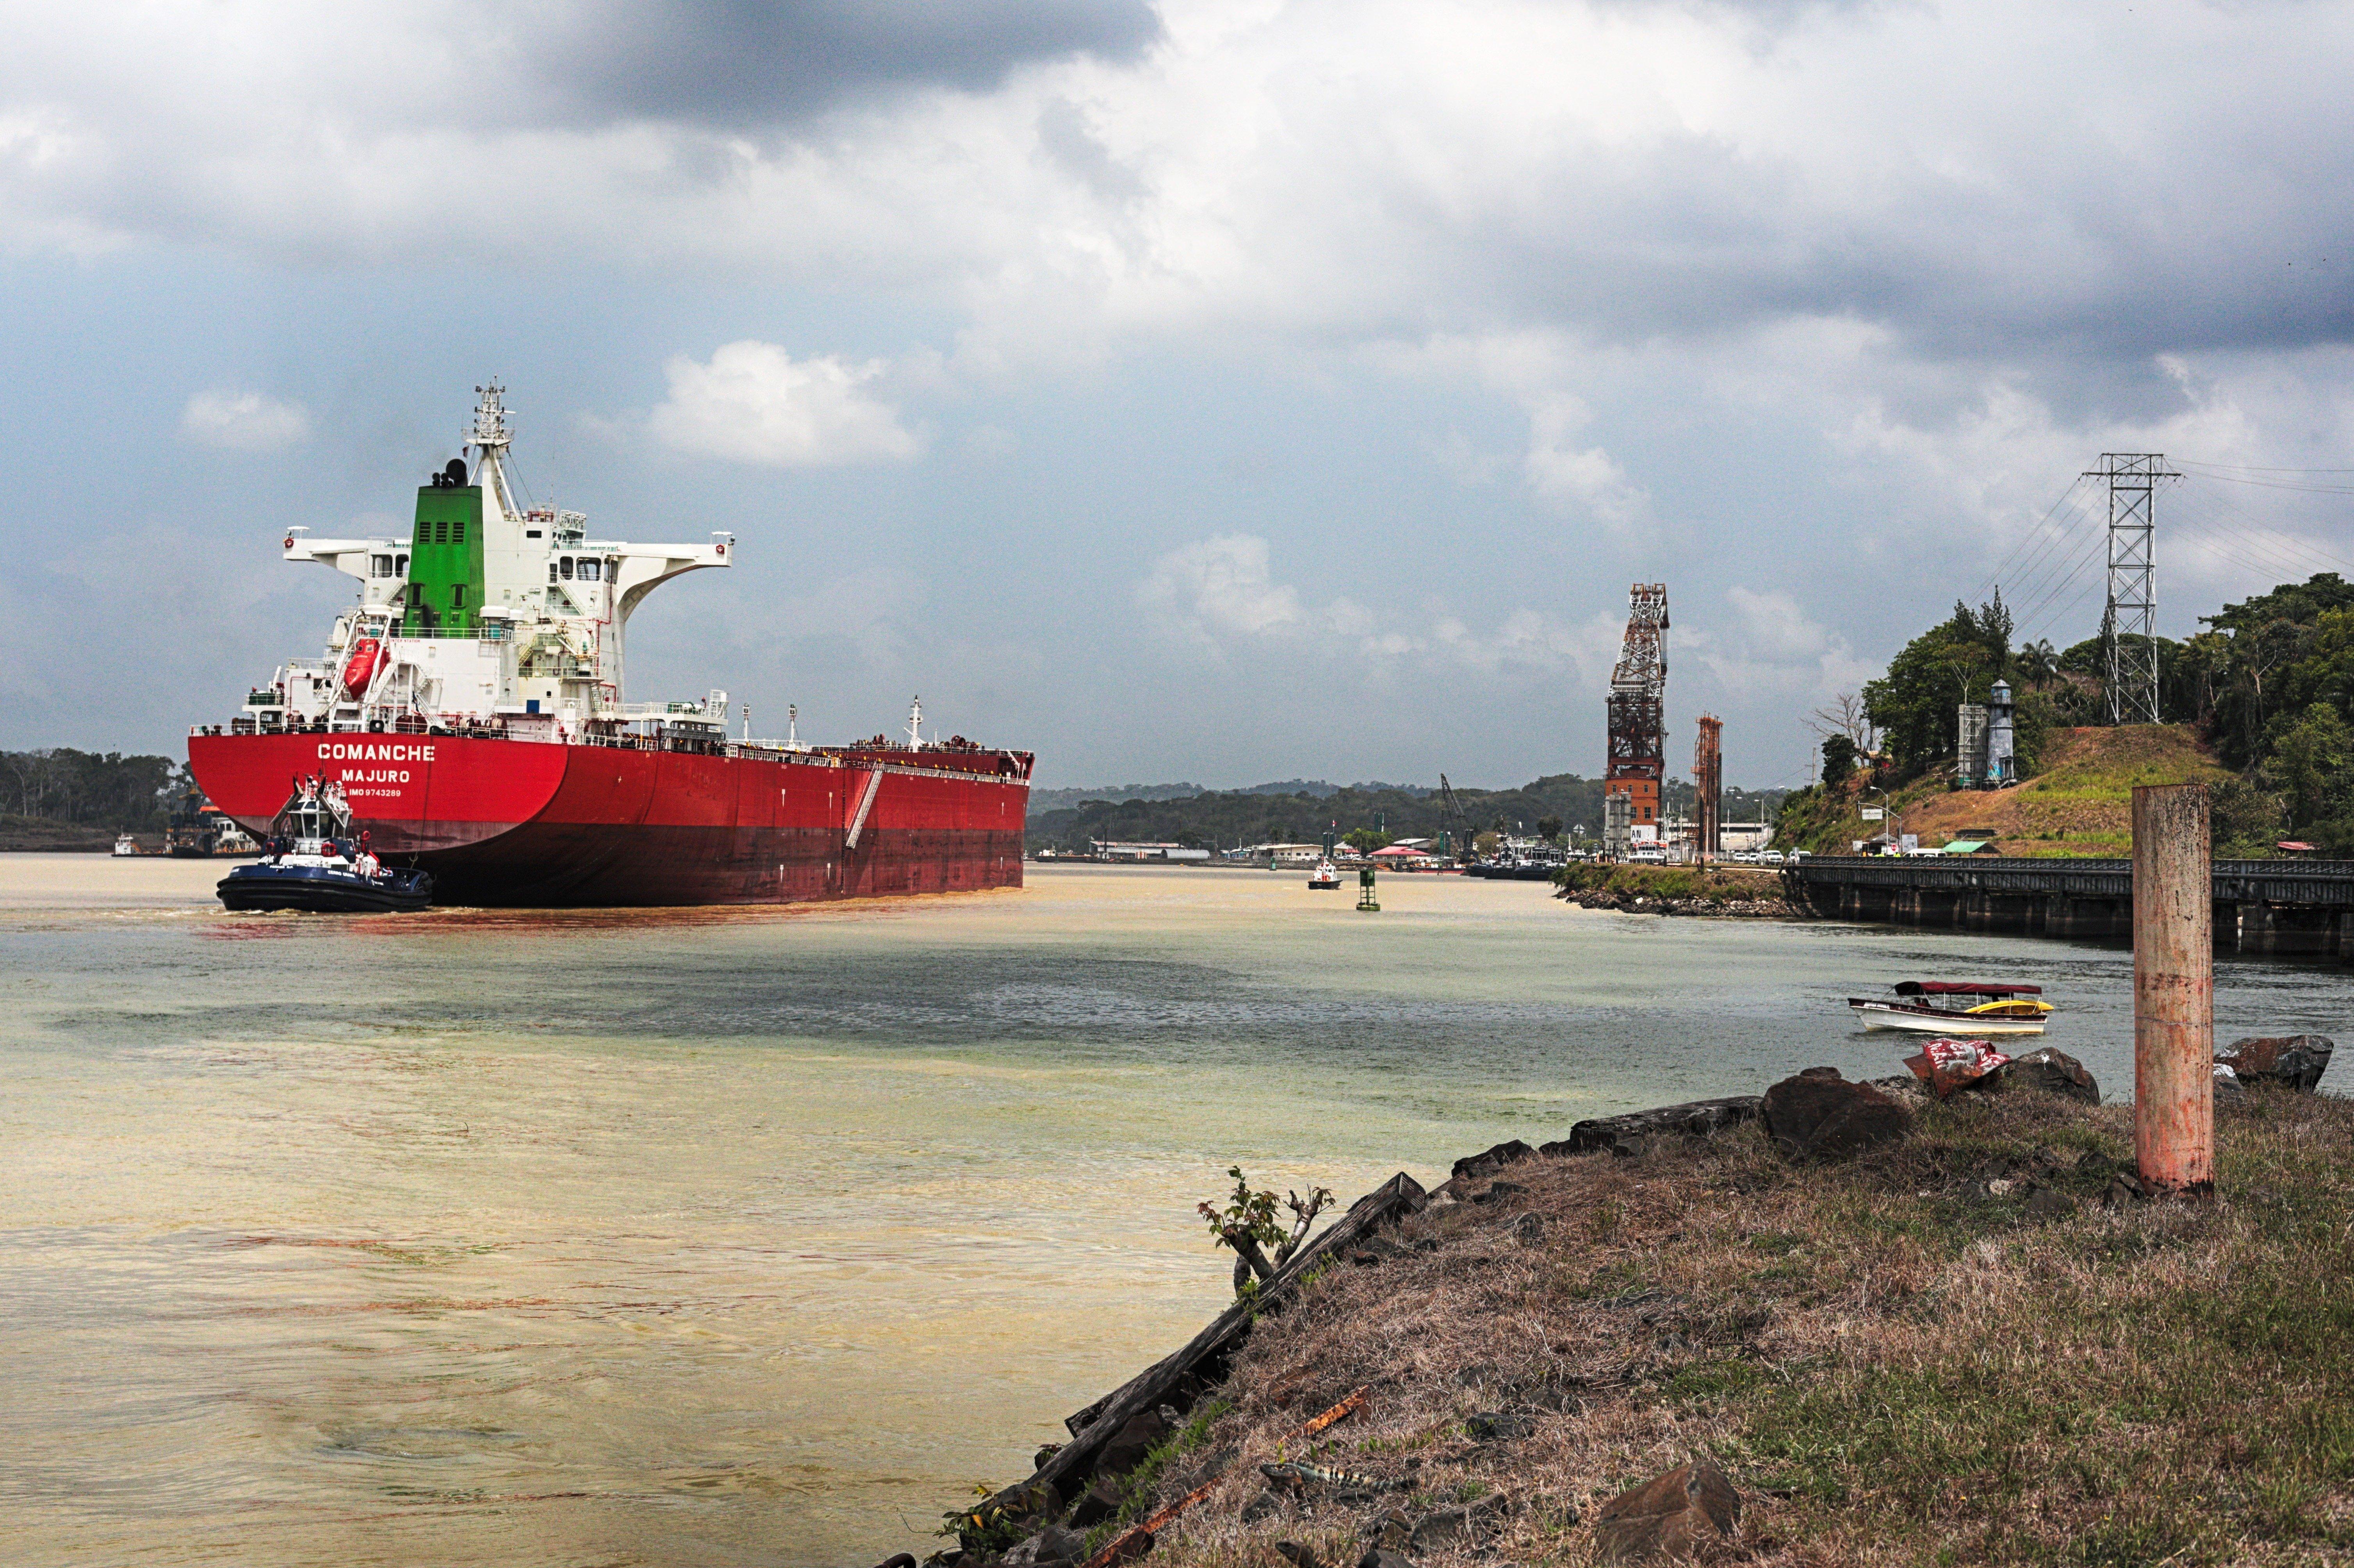 Панама – это далеко не футбол. Это Панамский канал – судоходный канал, соединяющий Тихий и Атлантический океаны